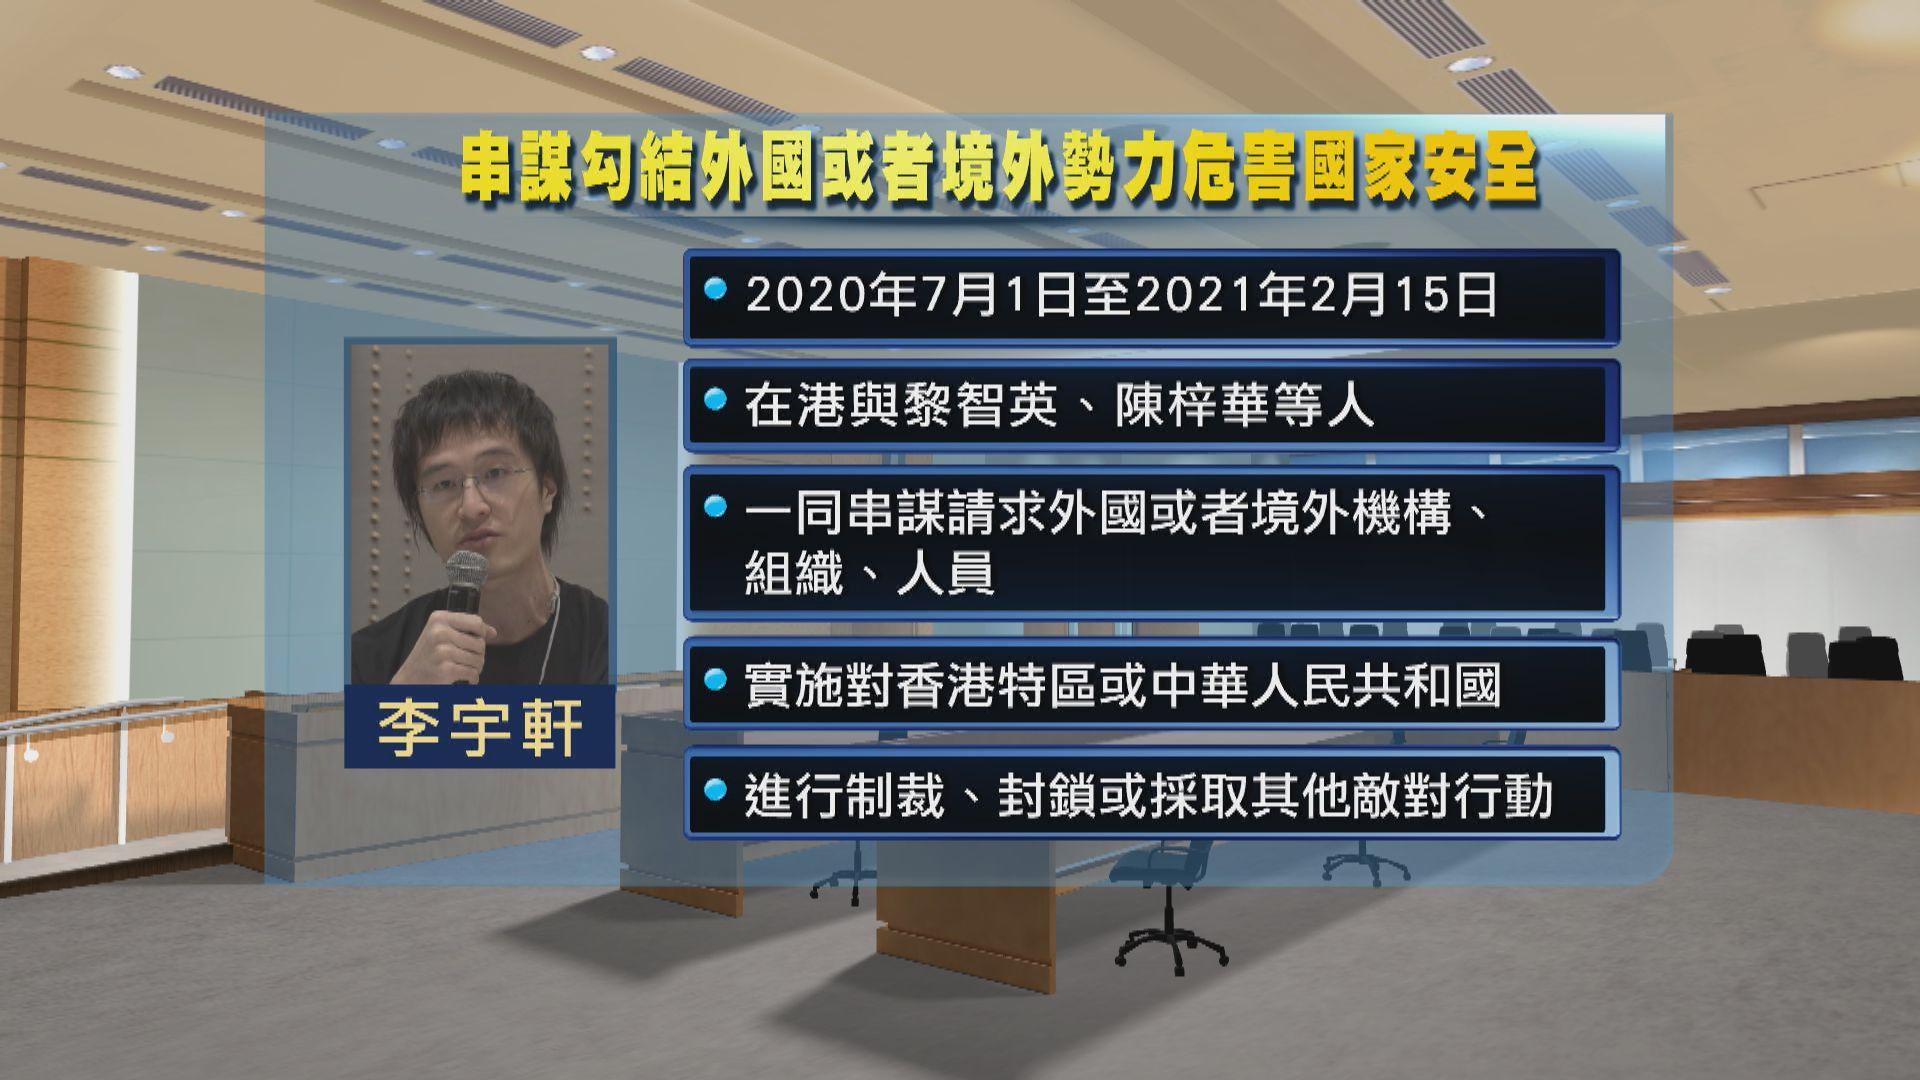 李宇軒被控串謀勾結外國勢力等三罪 控方指其已見律師